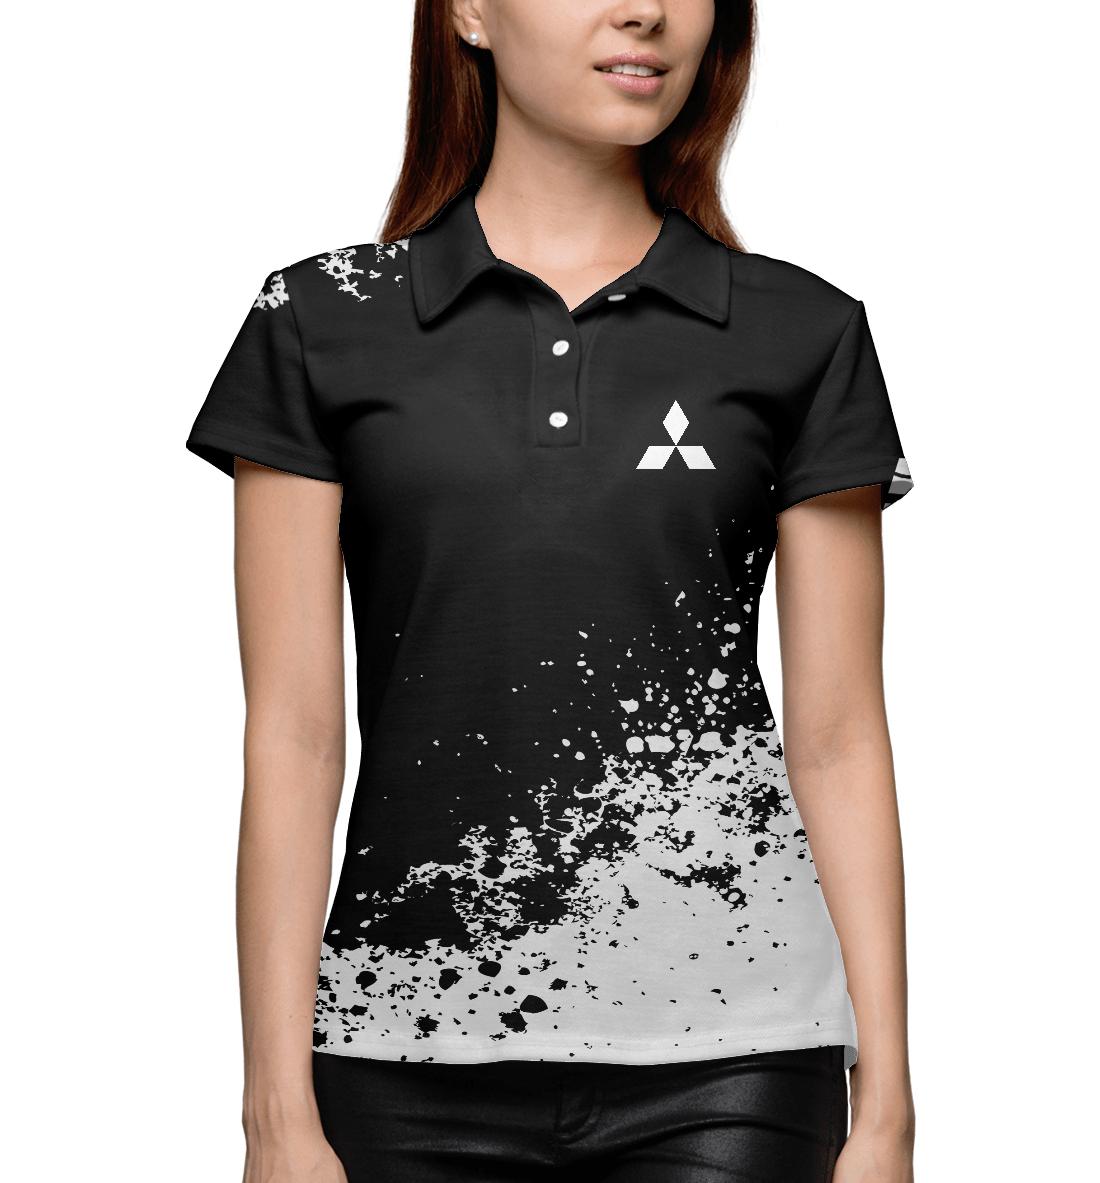 Купить Mitsubishi abstract sport uniform, Printbar, Поло, MBI-478340-pol-1